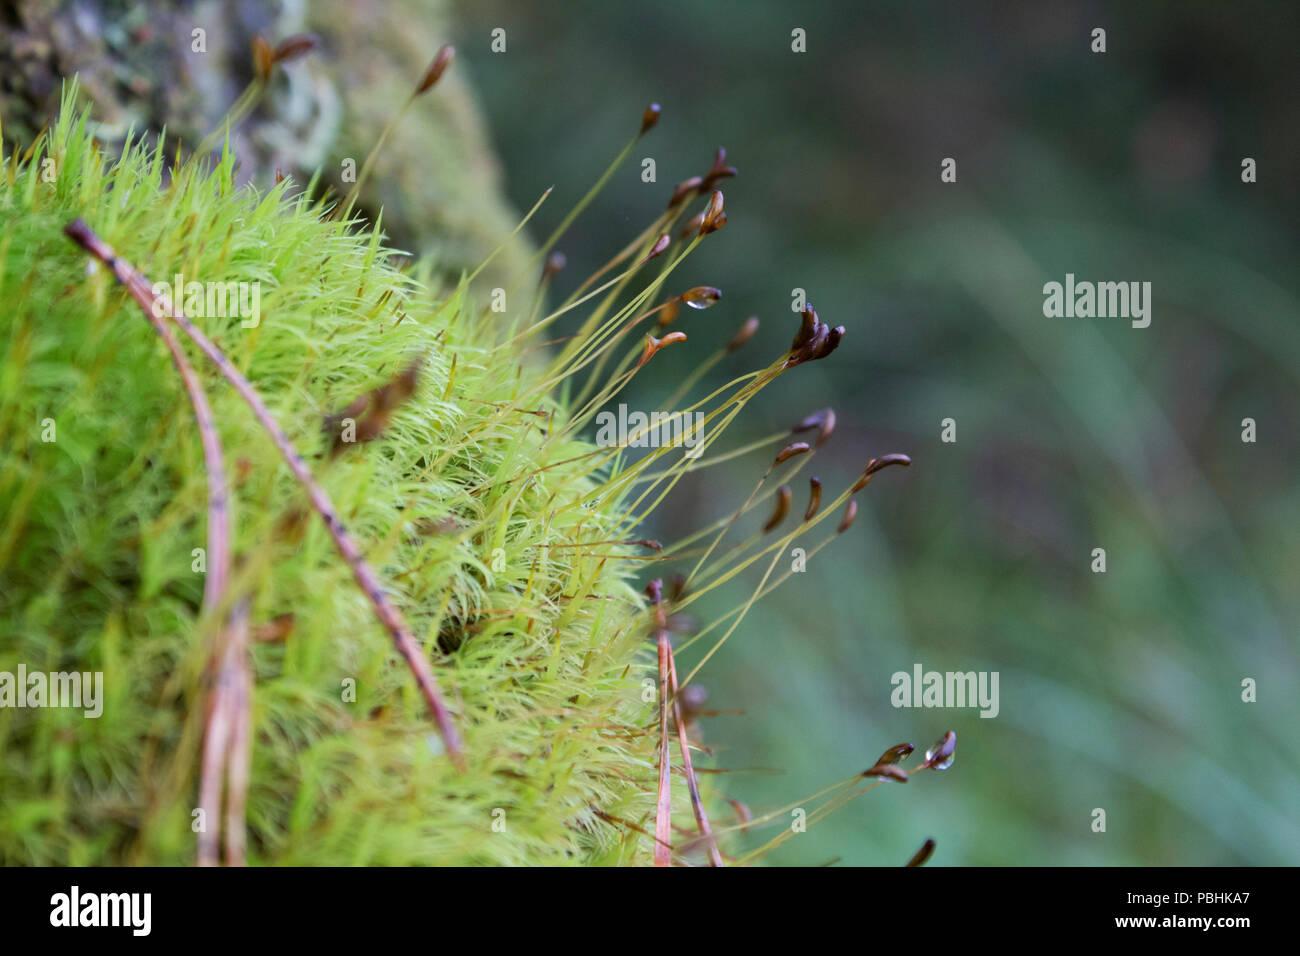 Top Moossporen Stockfotos & Moossporen Bilder - Alamy @JE_91